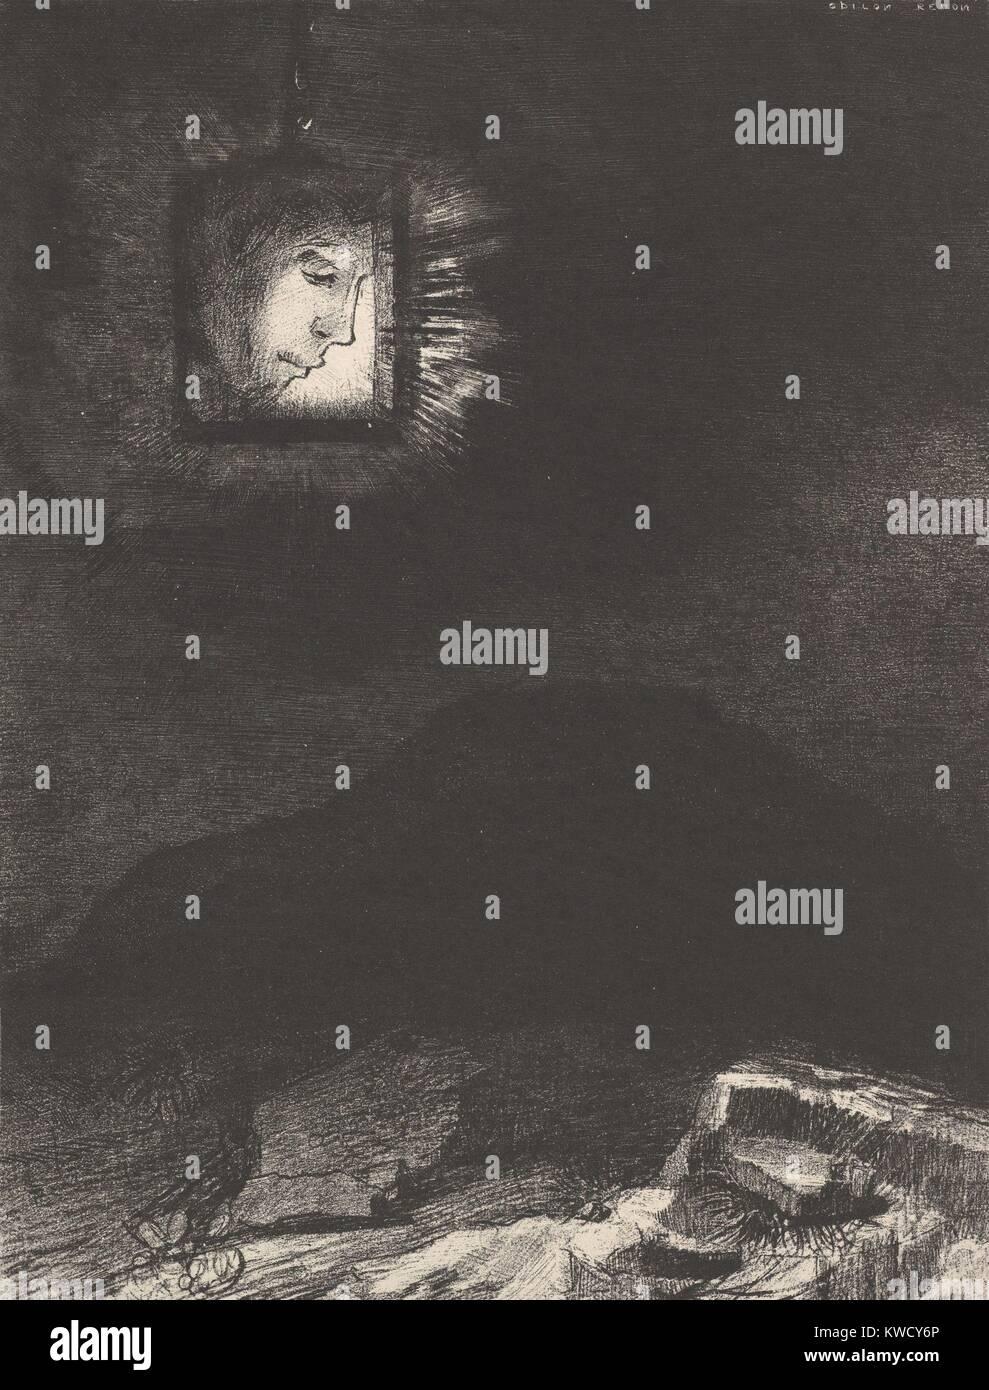 Die vage Schimmer von Kopf schweben im Raum, von Odilon Redon, 1891, der französische Symbolistische drucken. Stockbild